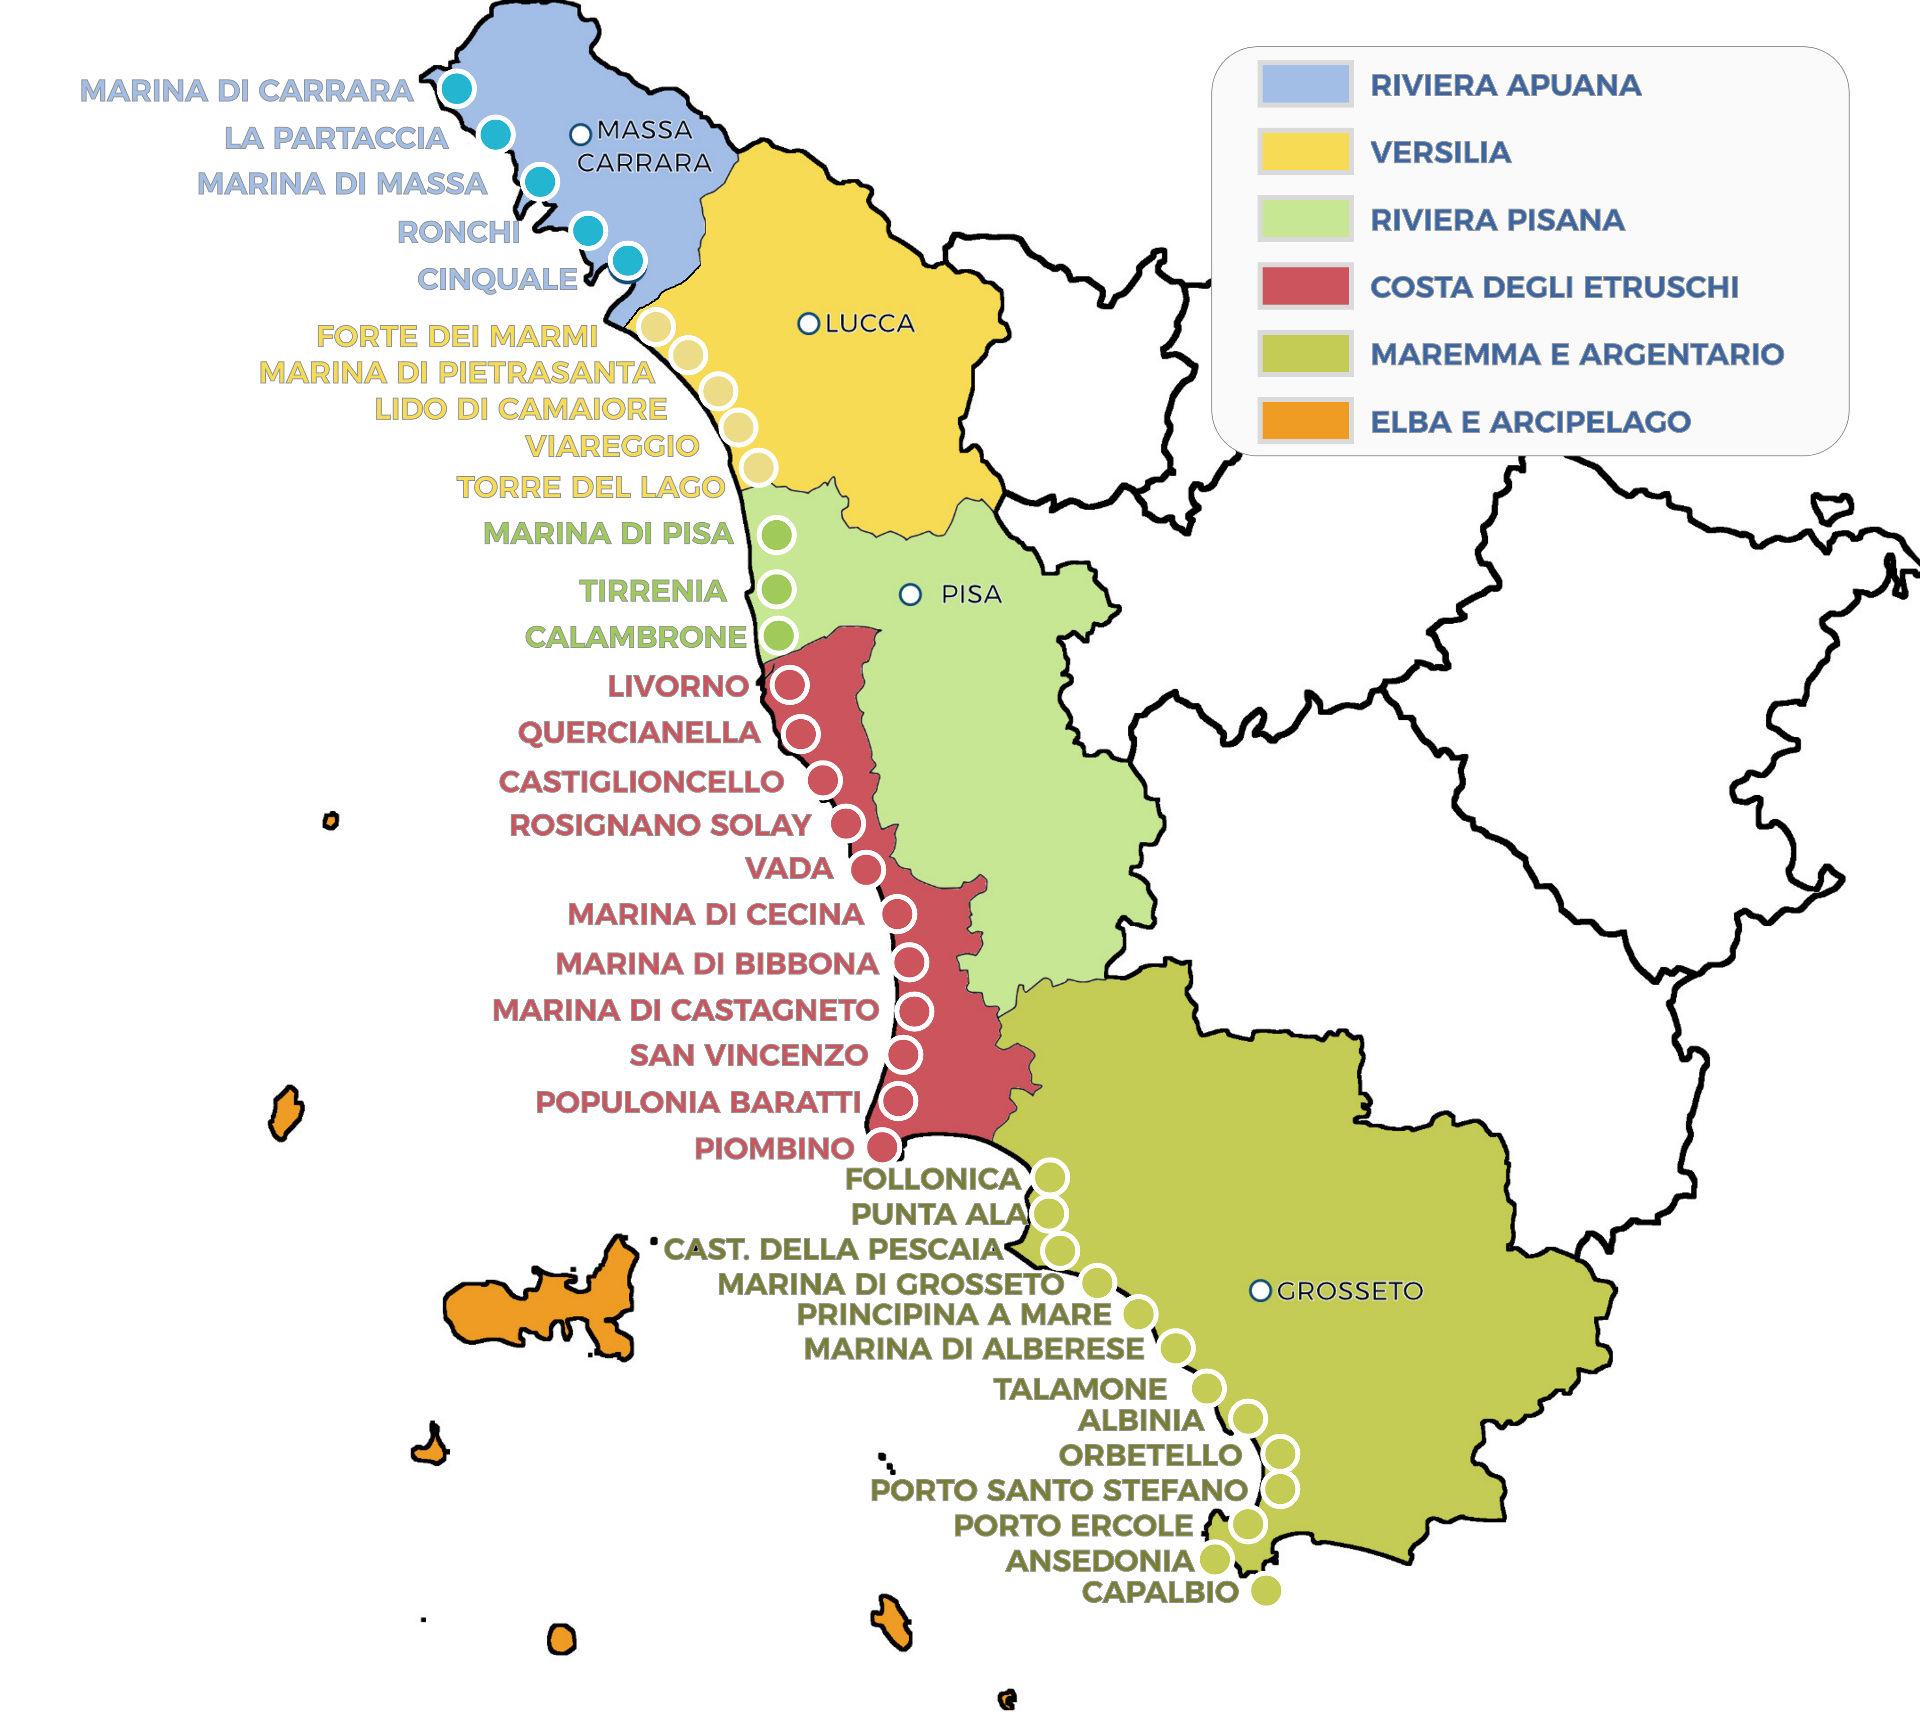 Cartina Italia Zone Balneari.Toscana Mare Cartina Spiagge Mare Della Toscana